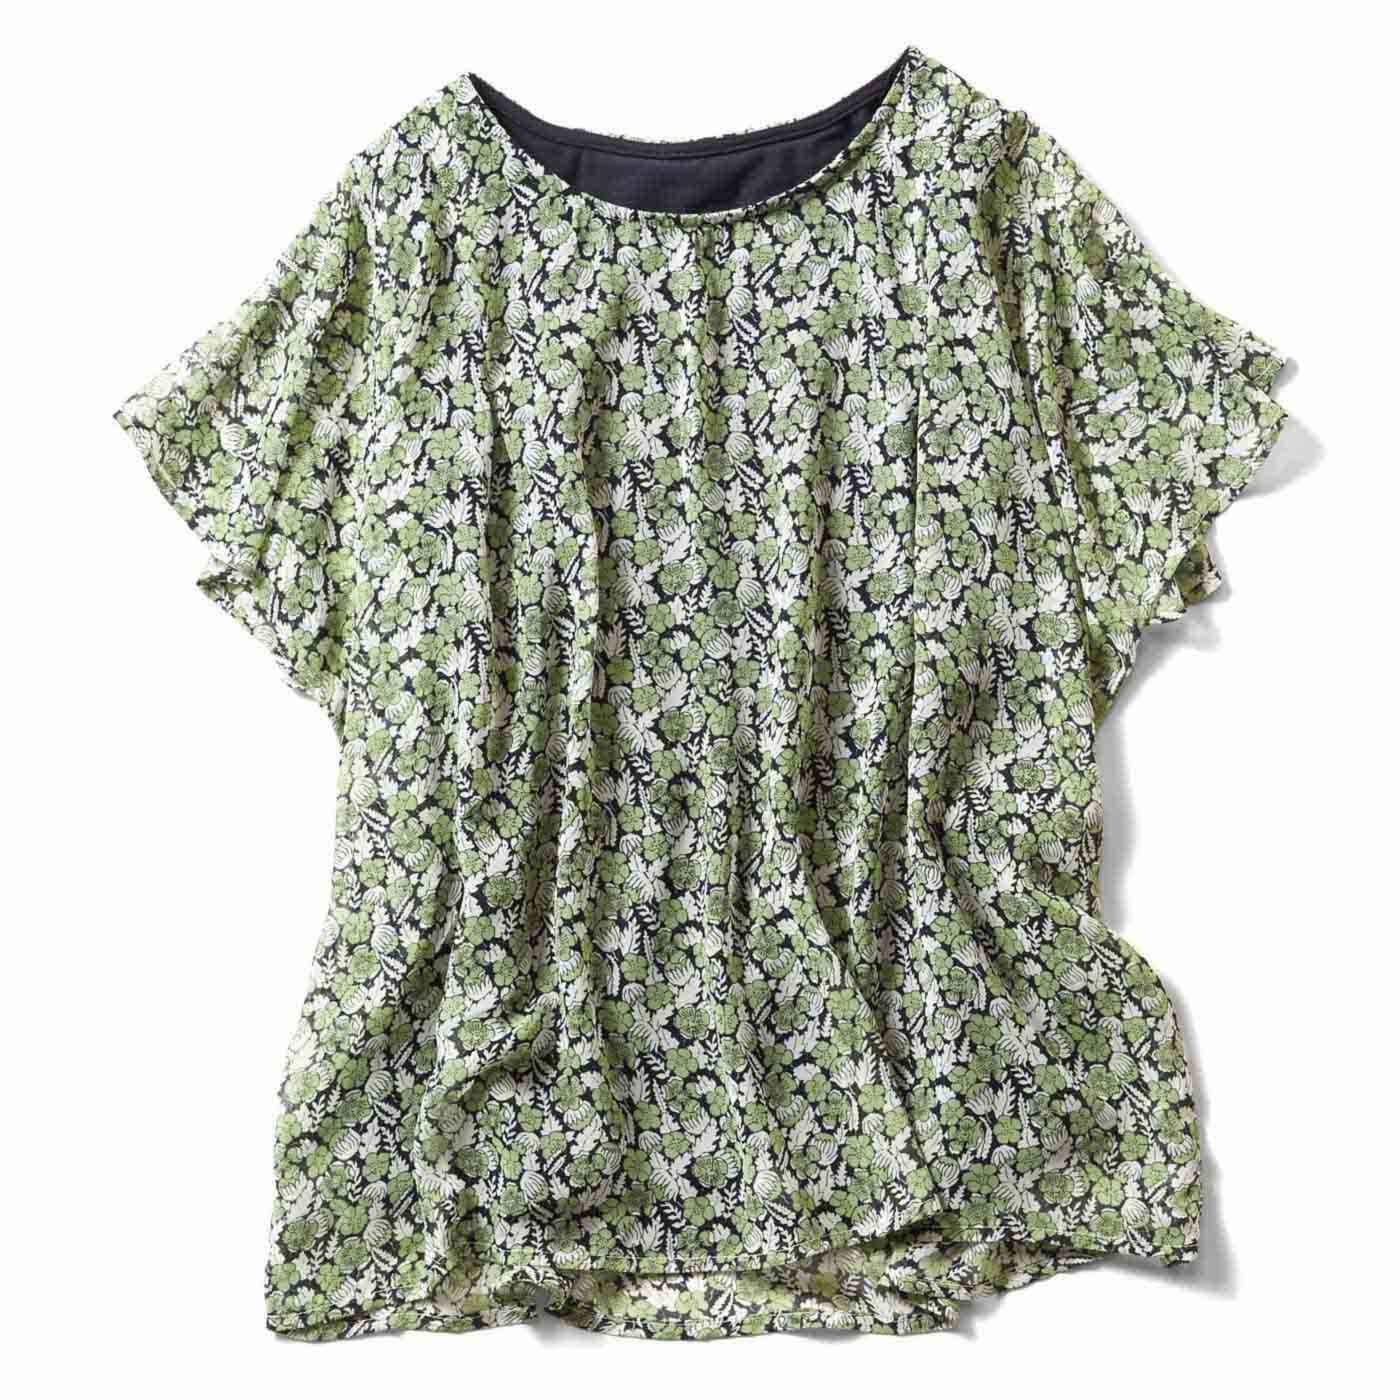 リブ イン コンフォート Tシャツ感覚で着られる ひらり花柄シフォントップス〈グリーン×ネイビー〉